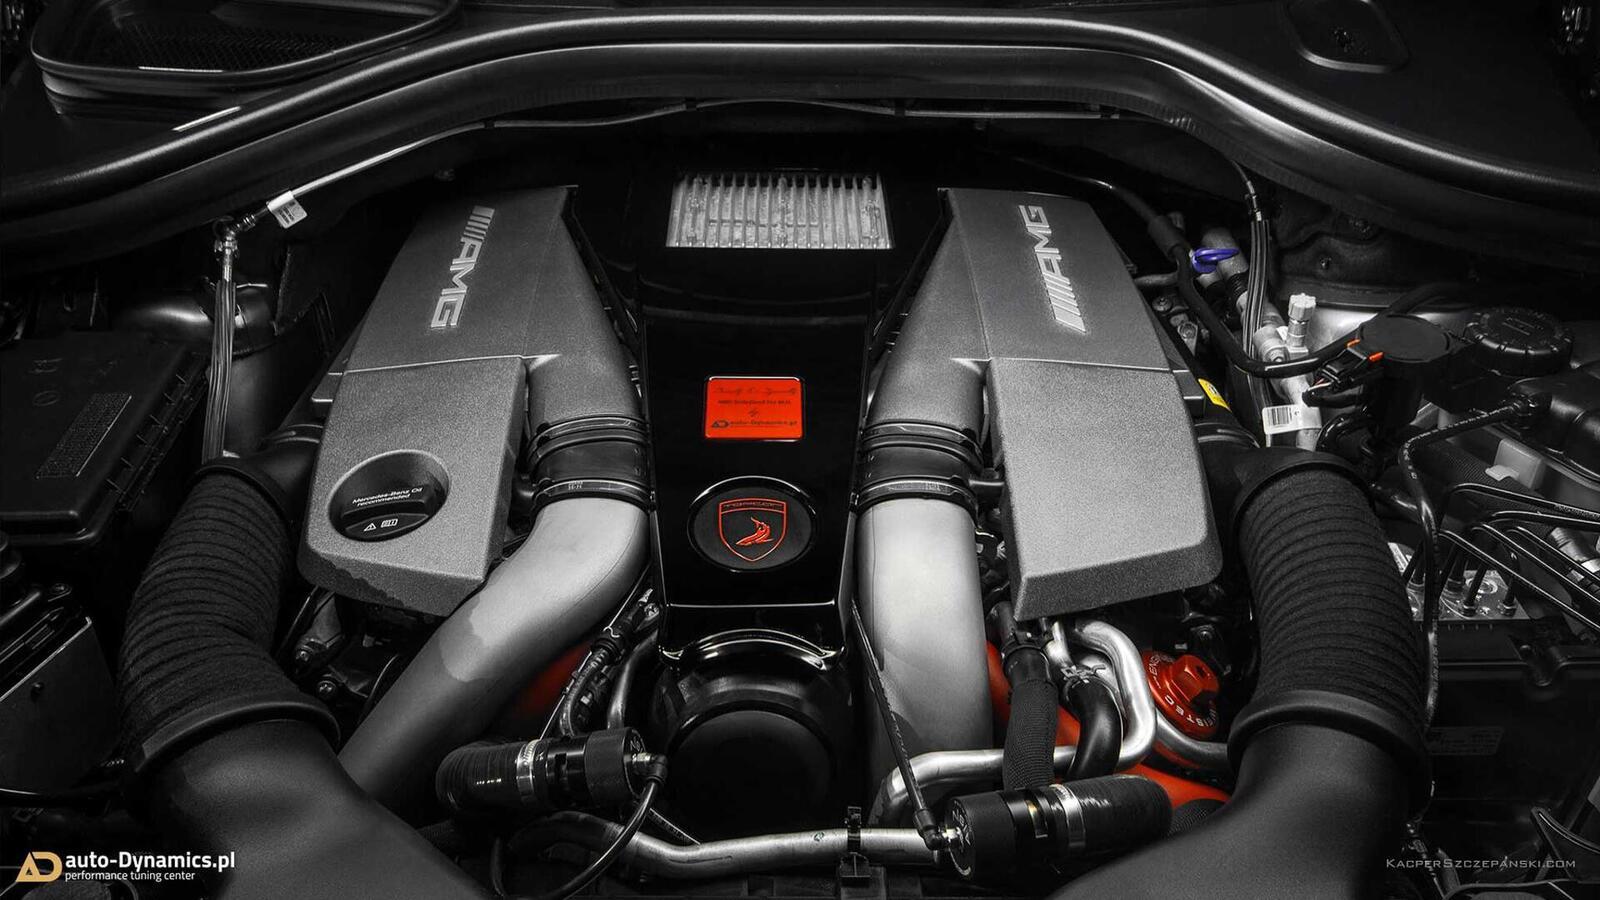 Mercedes-AMG GLE 63 S Coupe độ công suất lên 795 mã lực; tăng tốc 0-100 km/h trong 3,25 giây - Hình 2